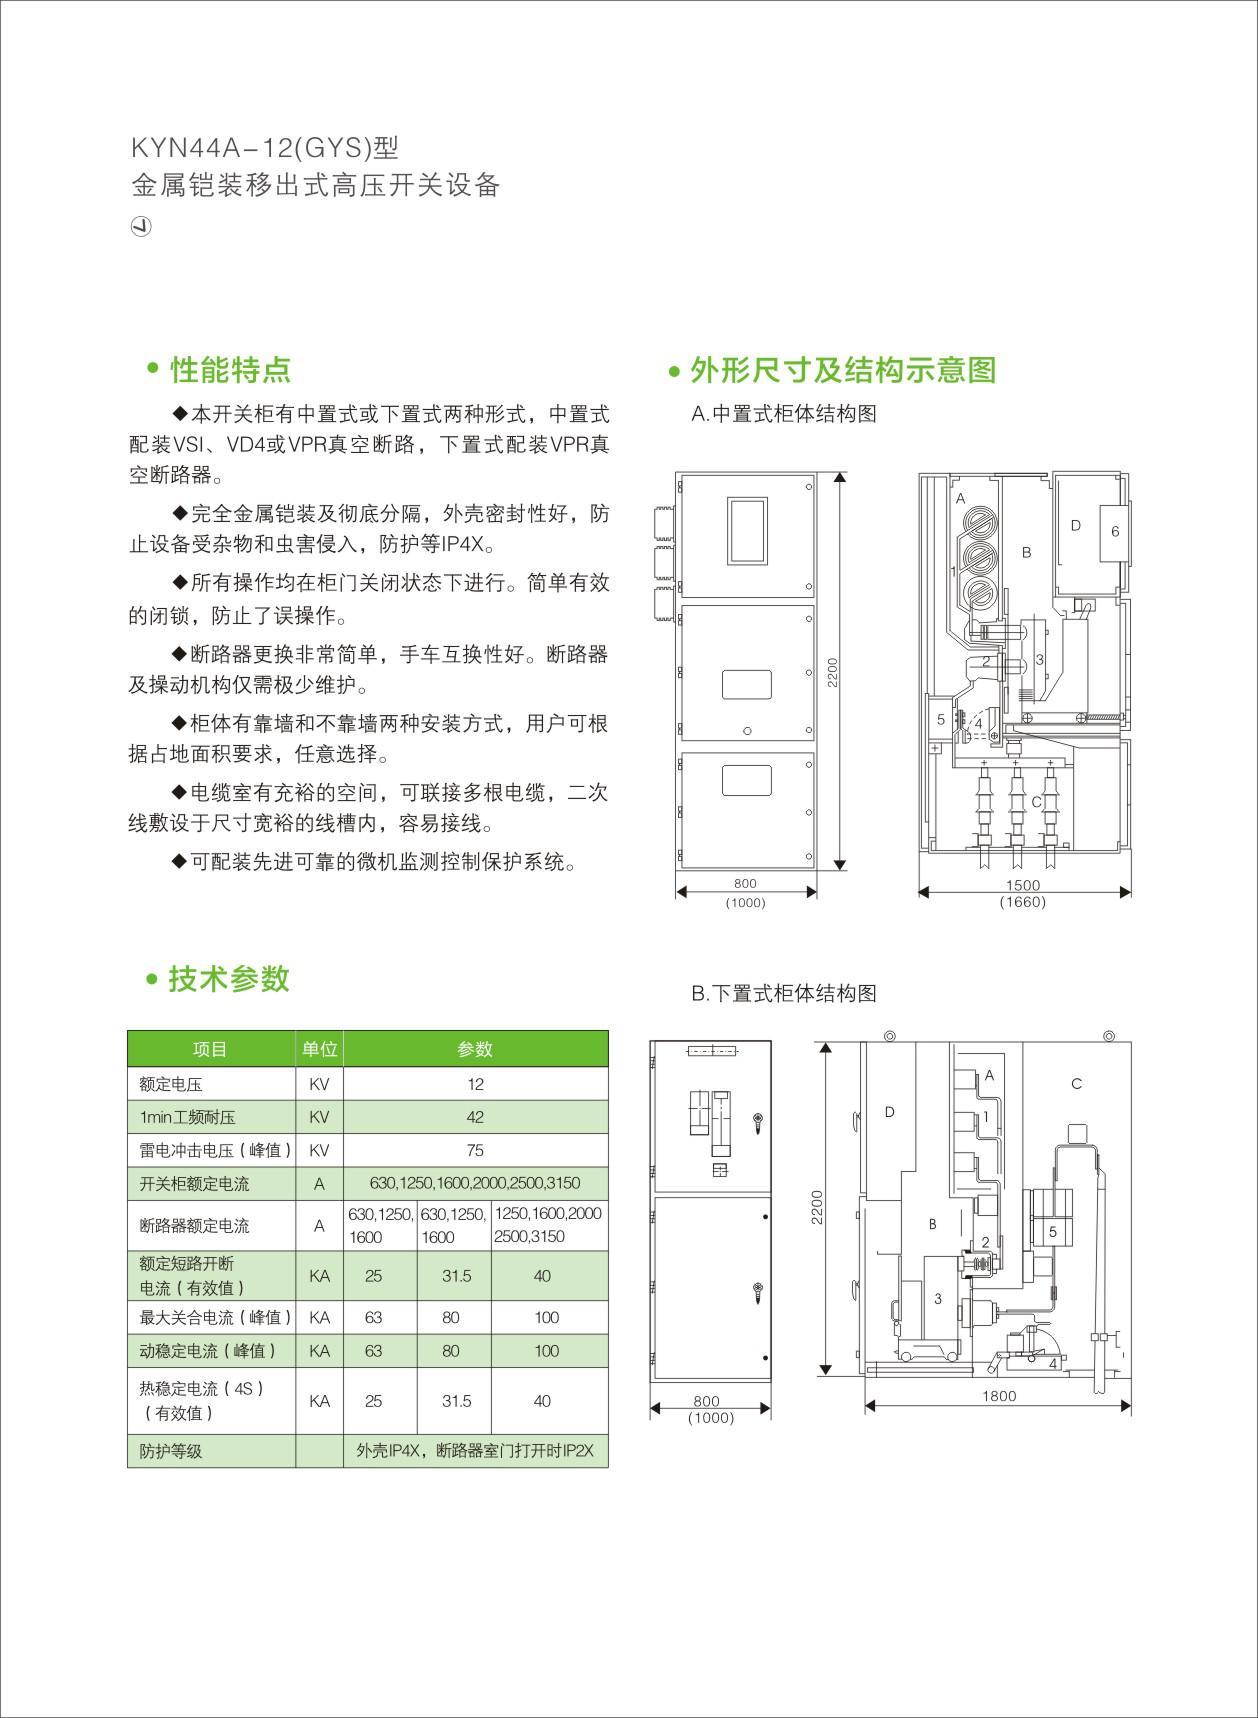 KYN44A-12-GYS型金屬鎧裝移出式高壓開關設備-02